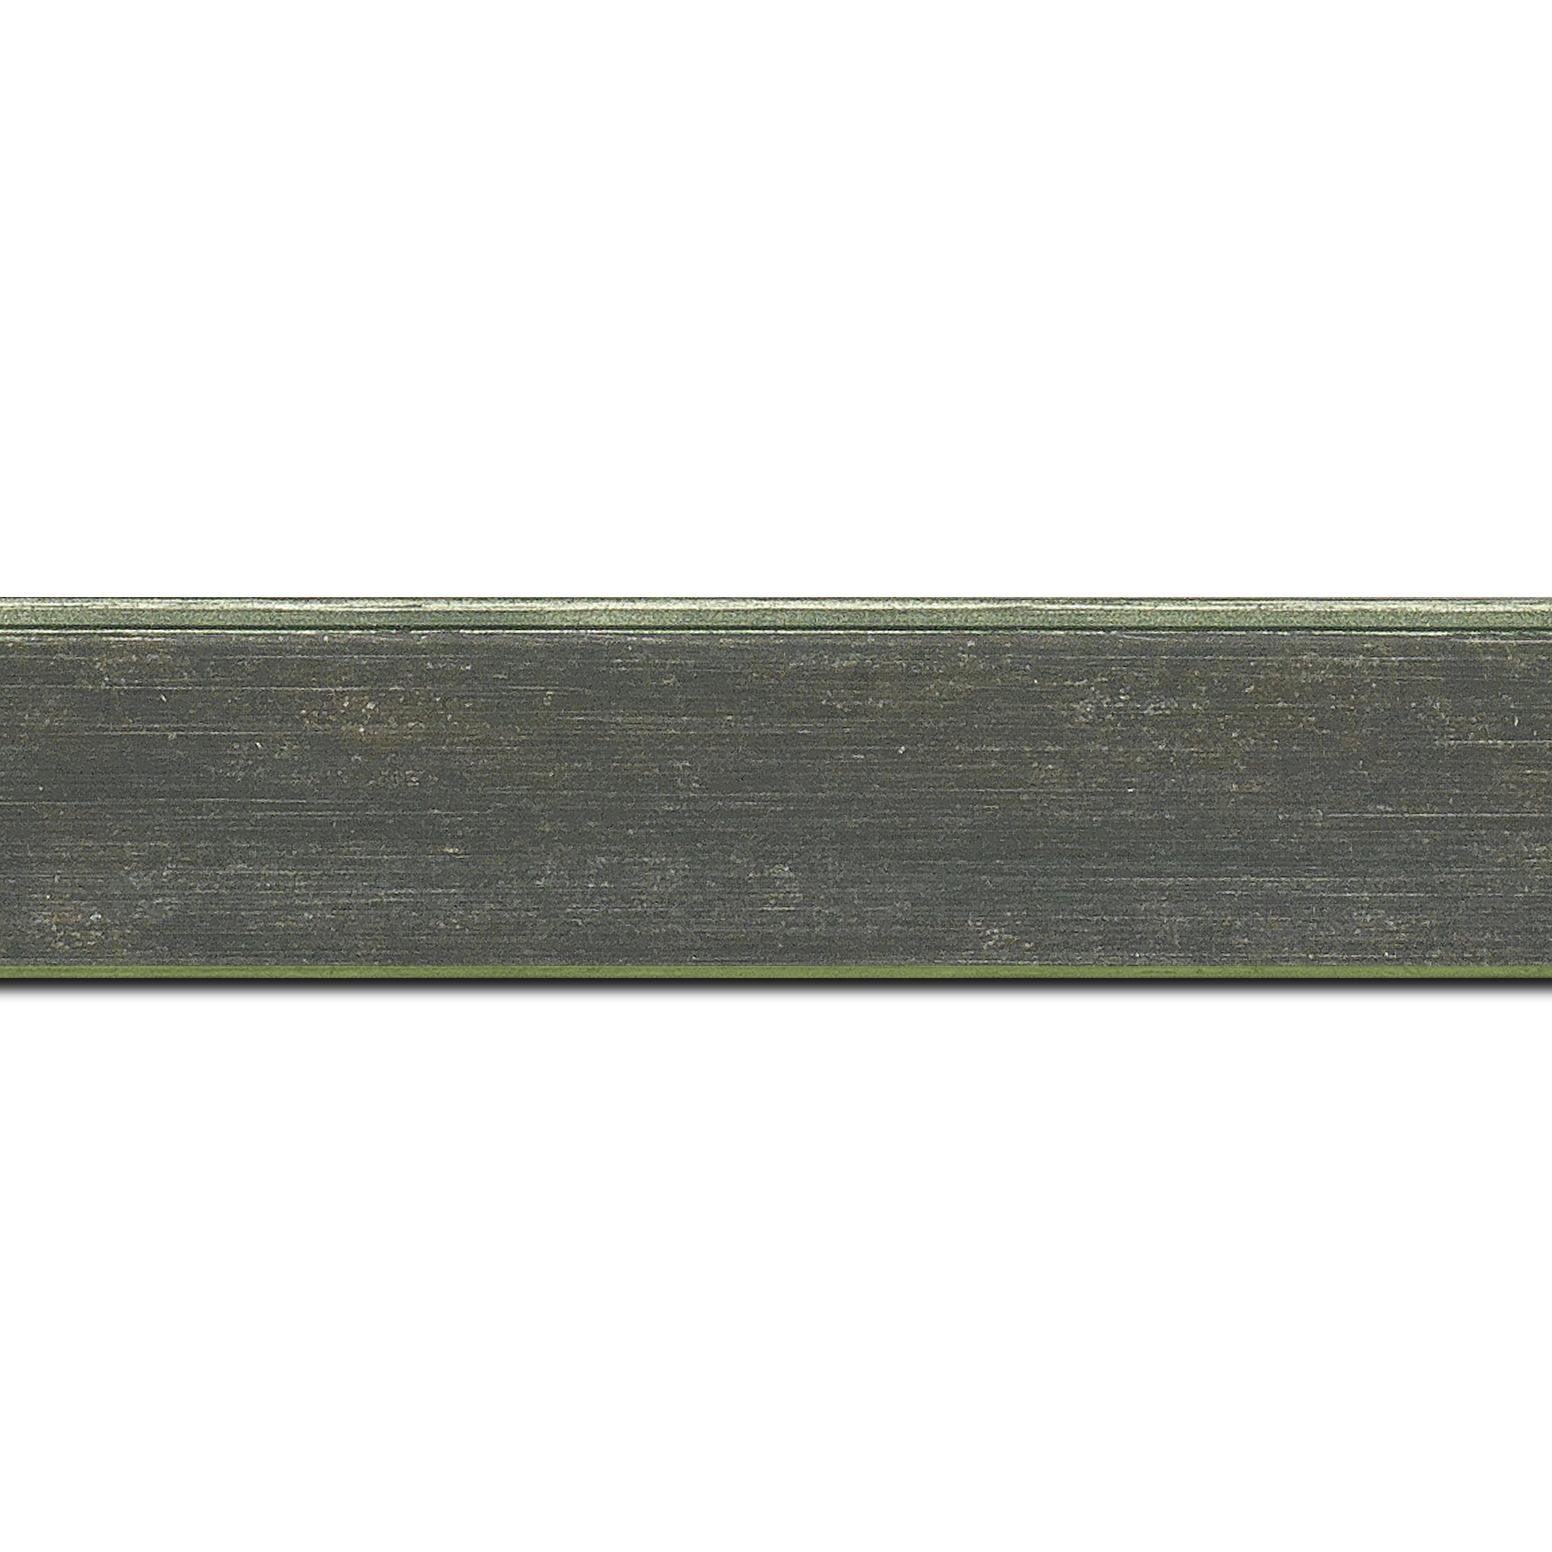 Baguette longueur 1.40m bois profil plat incliné largeur 3.7cm couleur vert foncé effet ressuyé